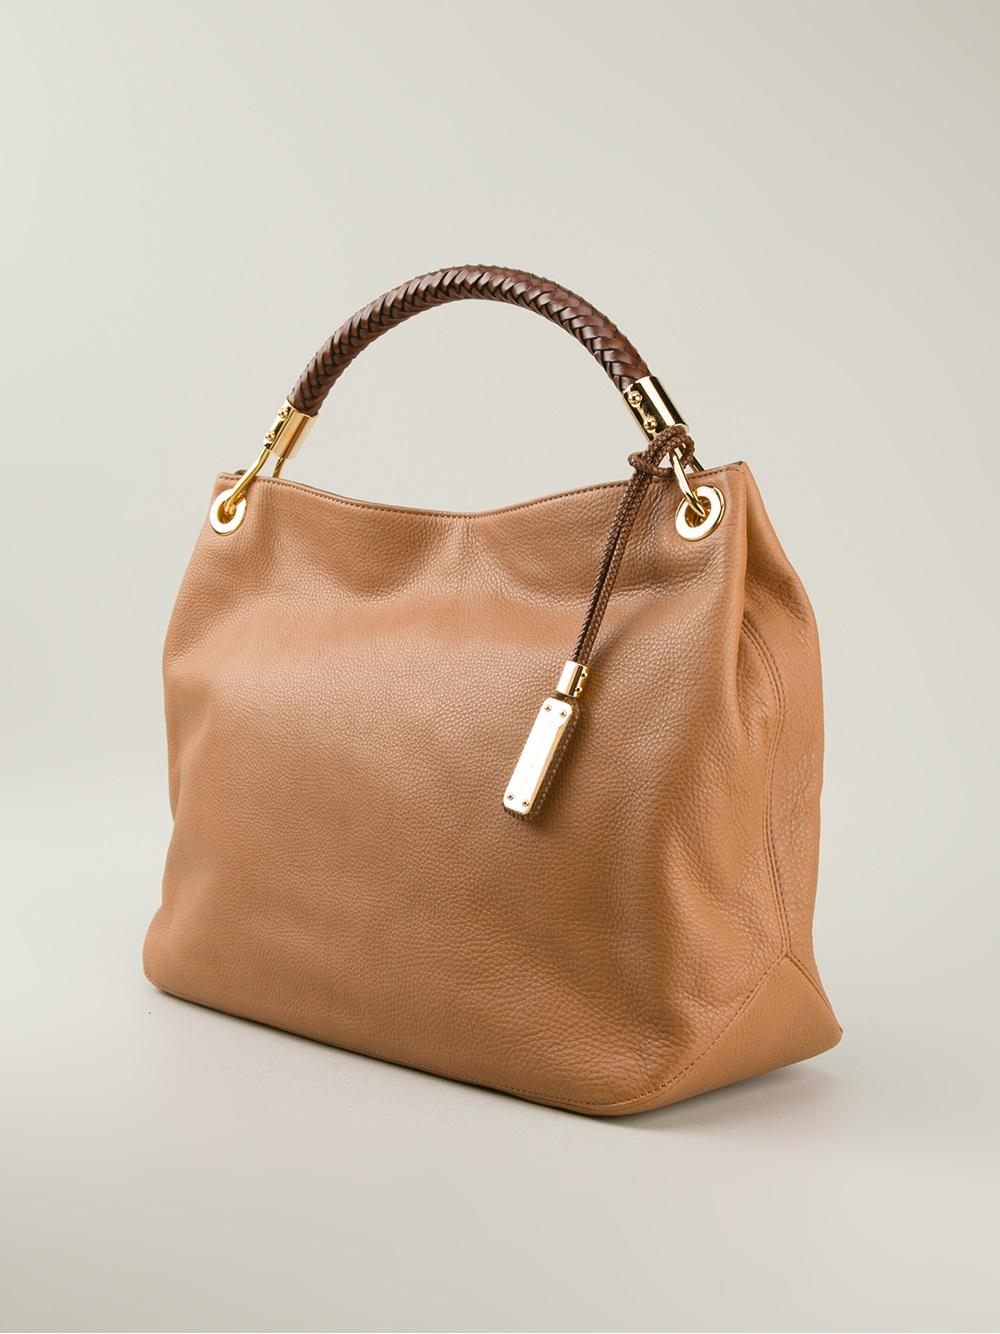 Lyst - Michael Kors Skorpios Large Shoulder Bag in Brown c7791ceb61cb4